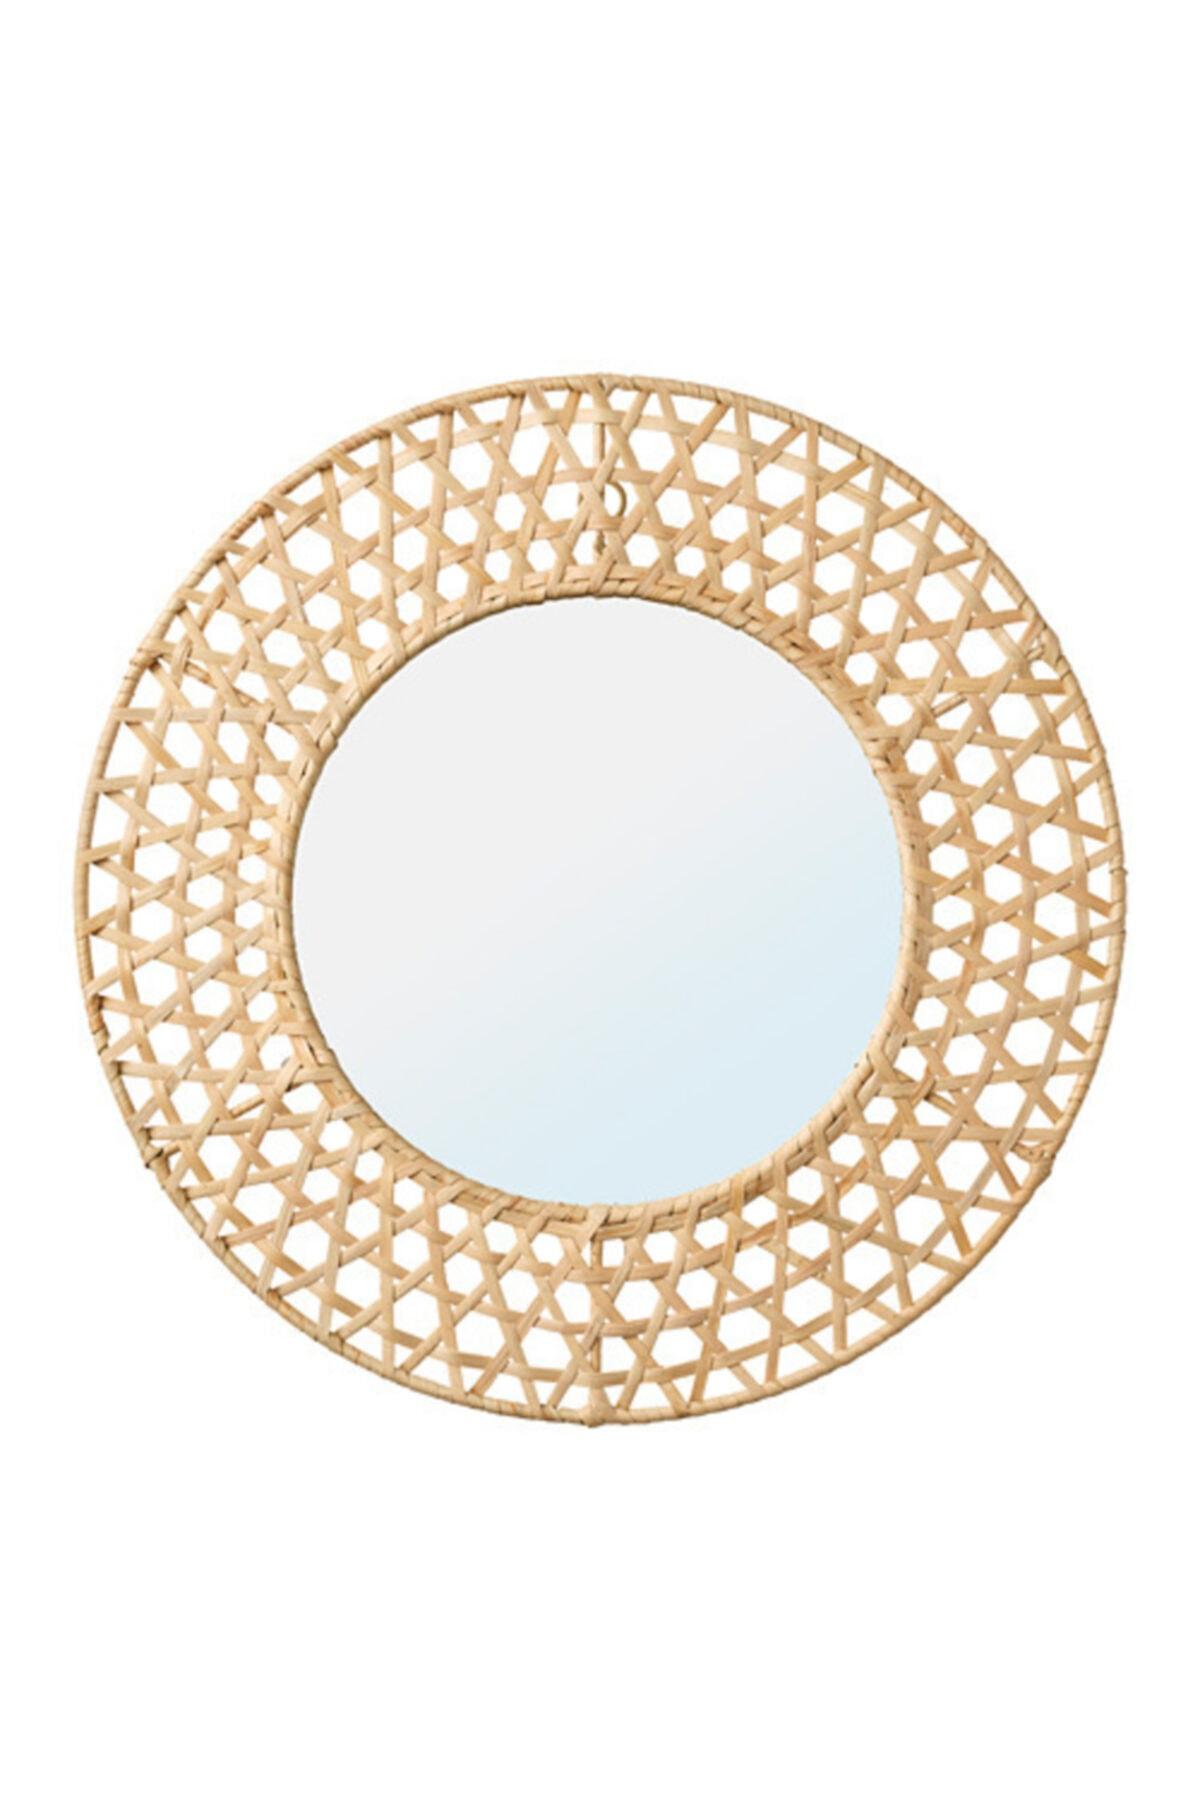 IKEA Mıssveden Rattan Ayna